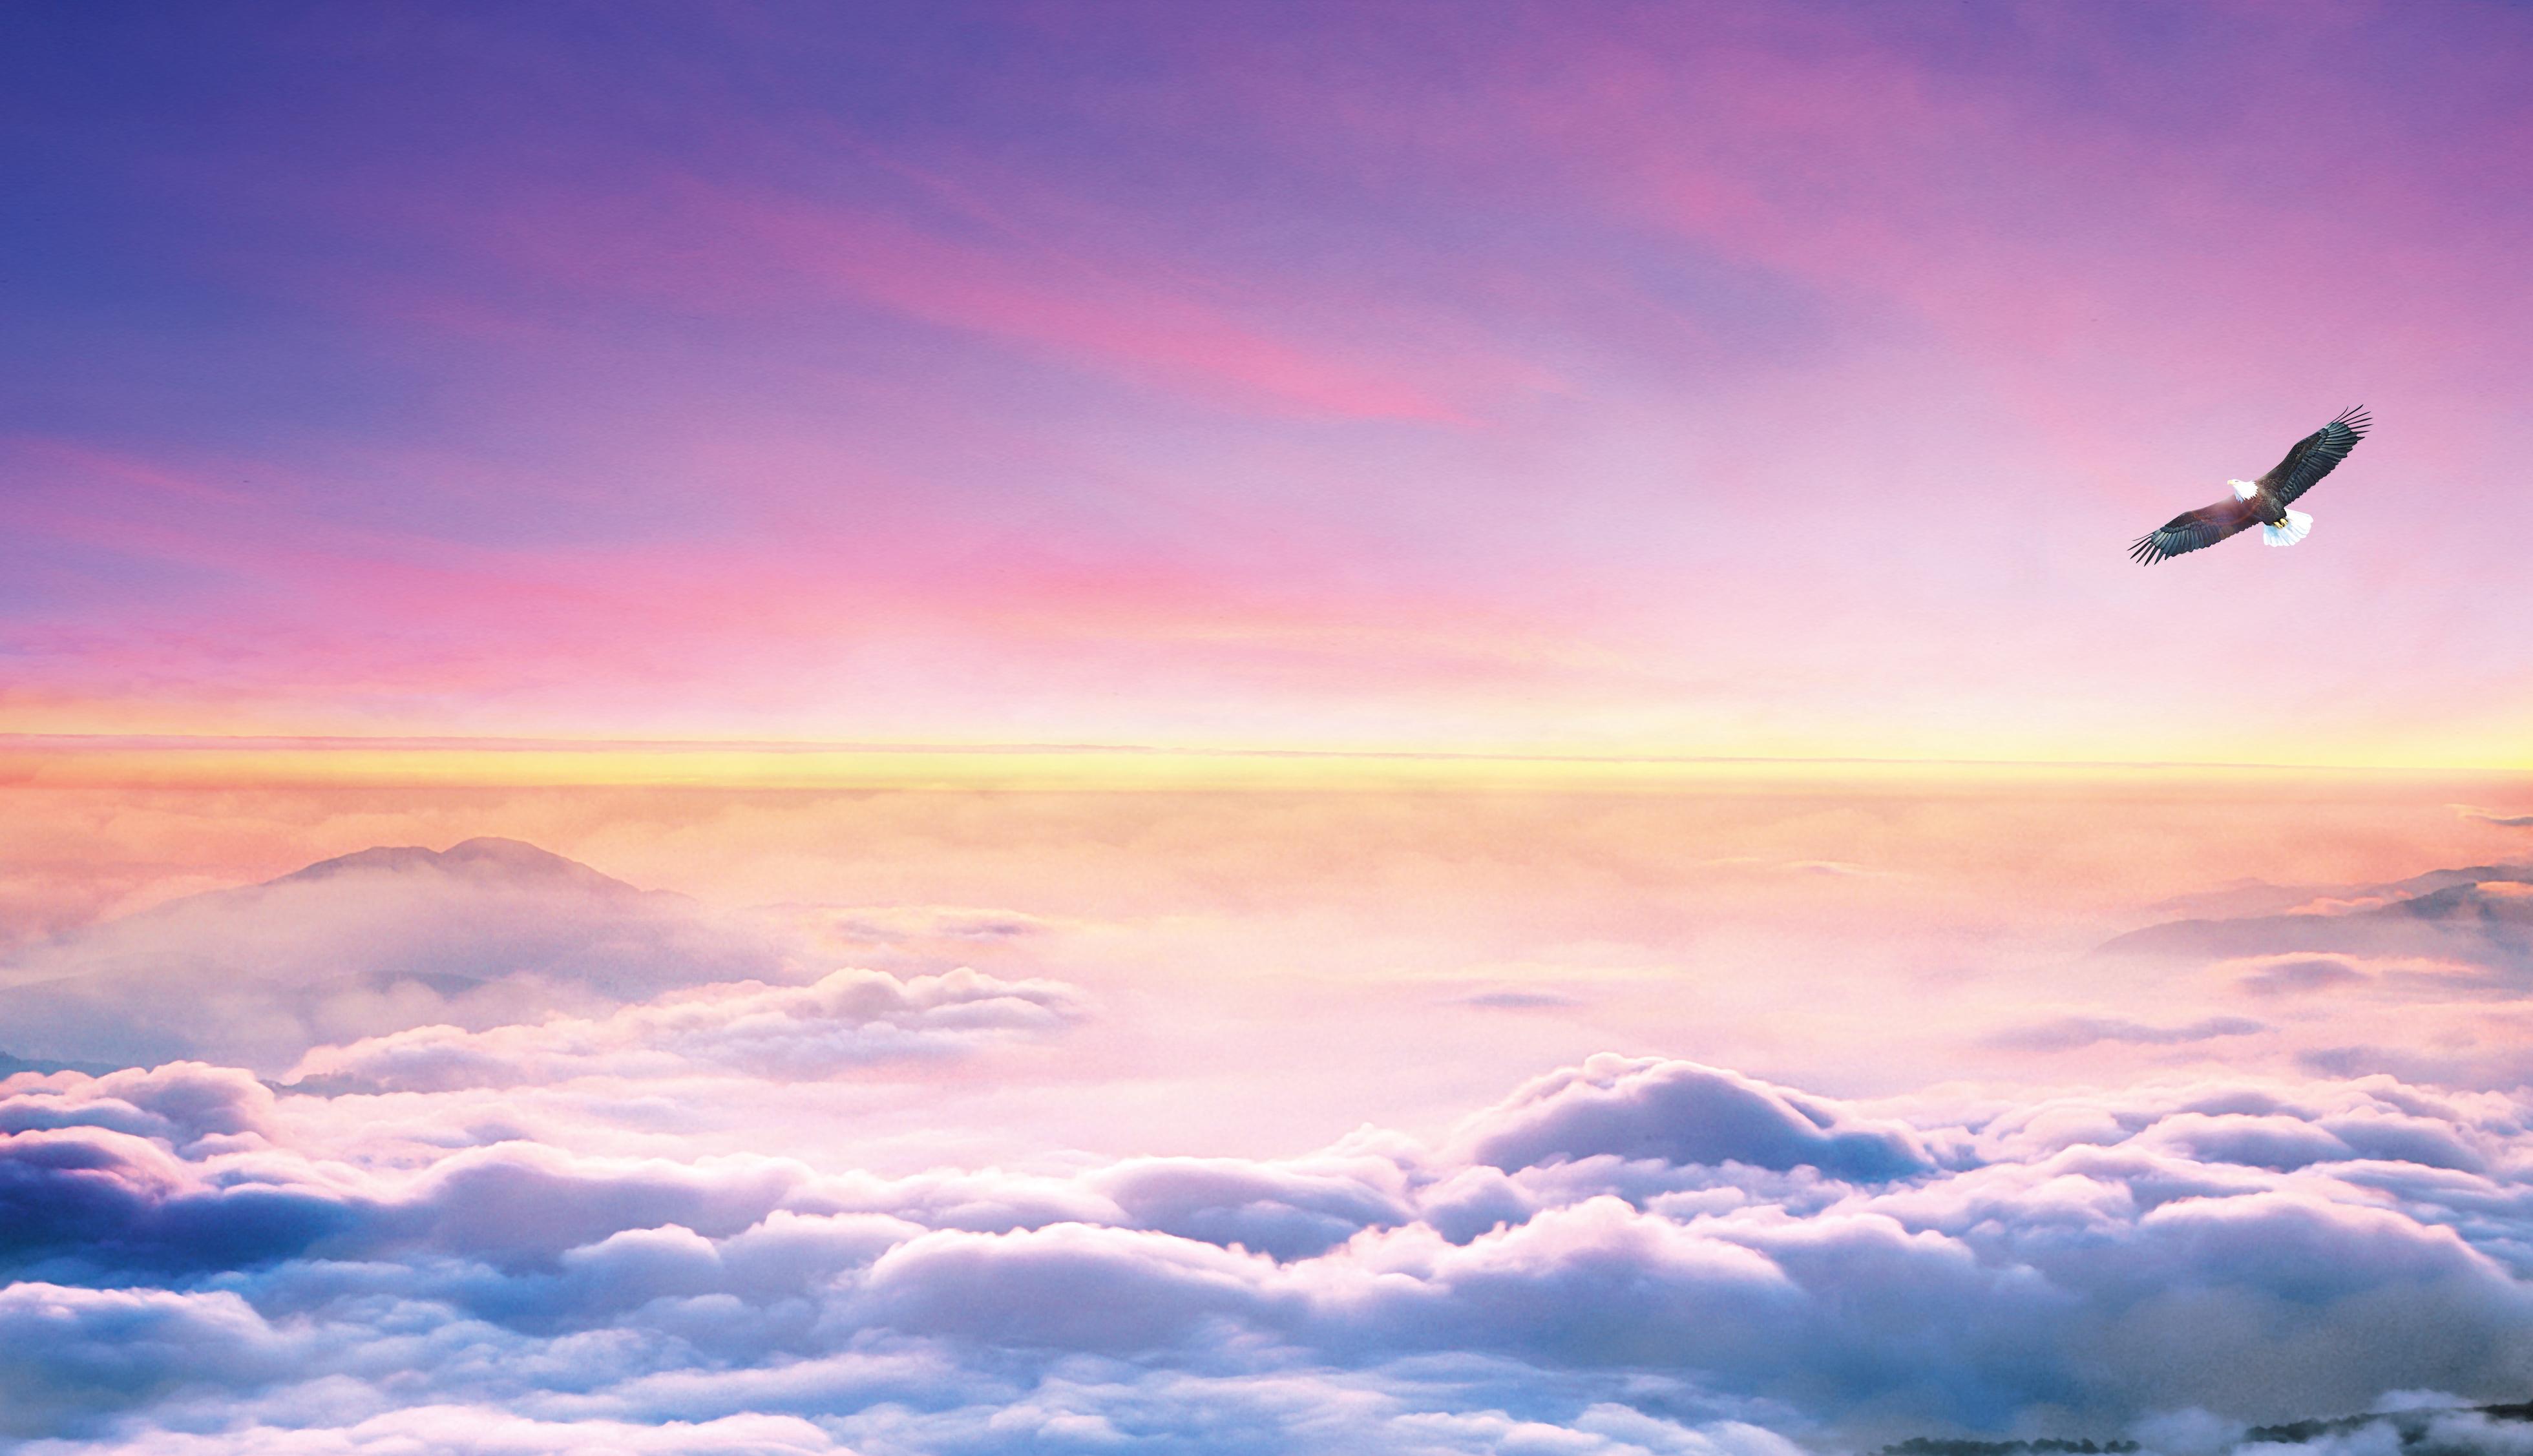 l aigle fond de ciel le ciel aigle lever de soleil image de fond pour le t u00e9l u00e9chargement gratuit